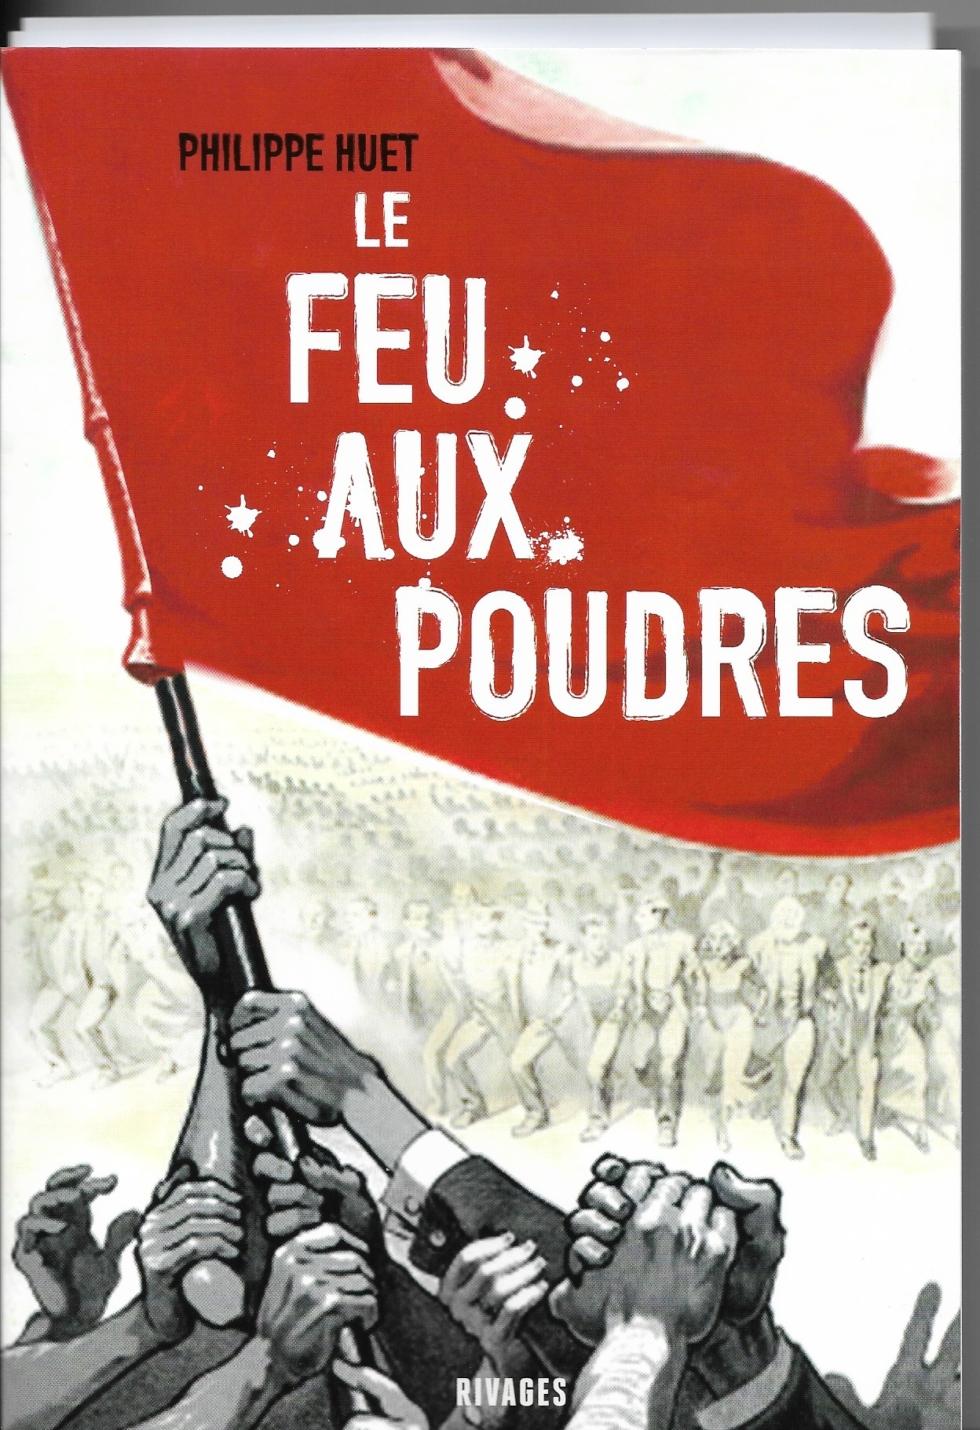 LE FEU AUX POUDRES (1) de Philippe HUET